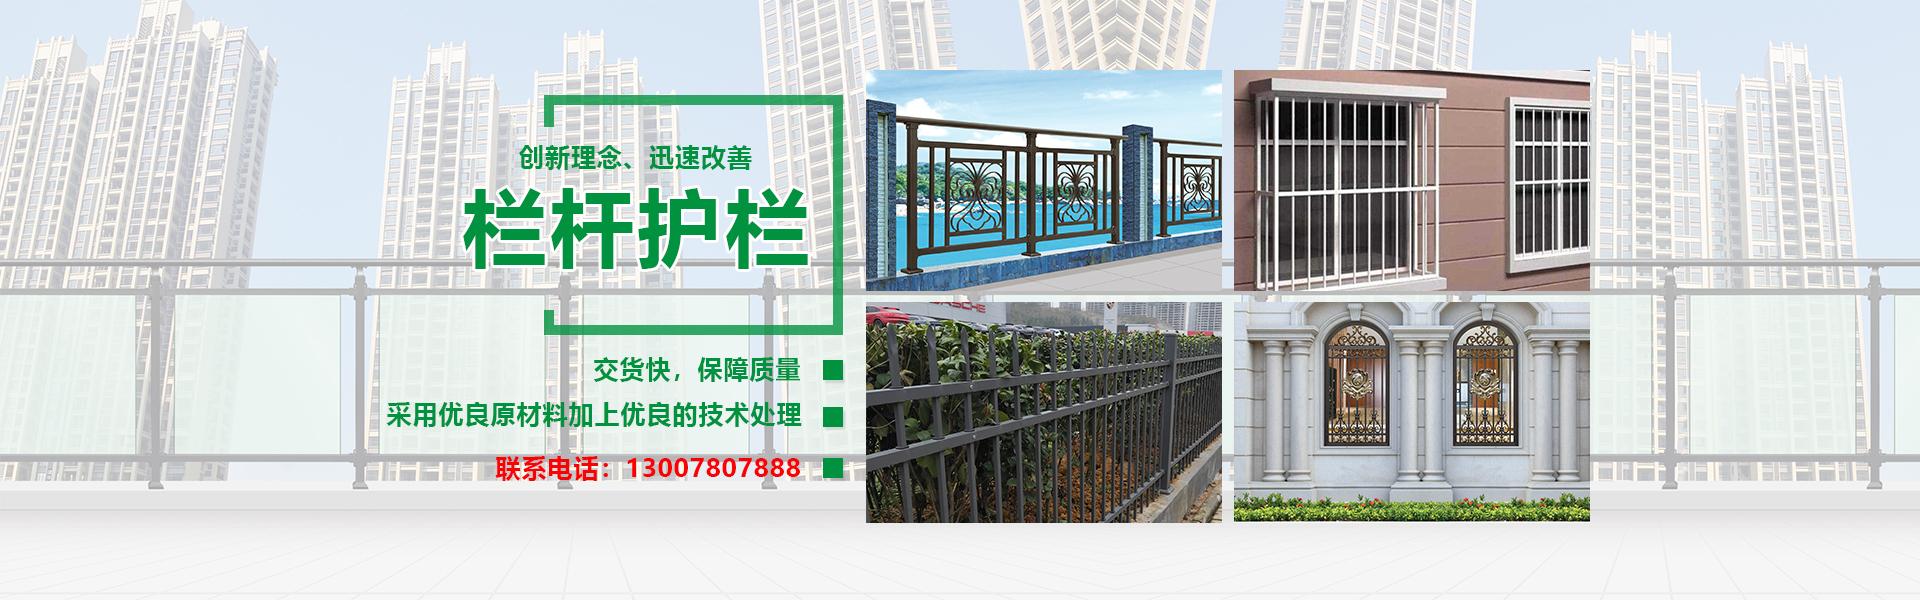 贵州道路护栏厂家